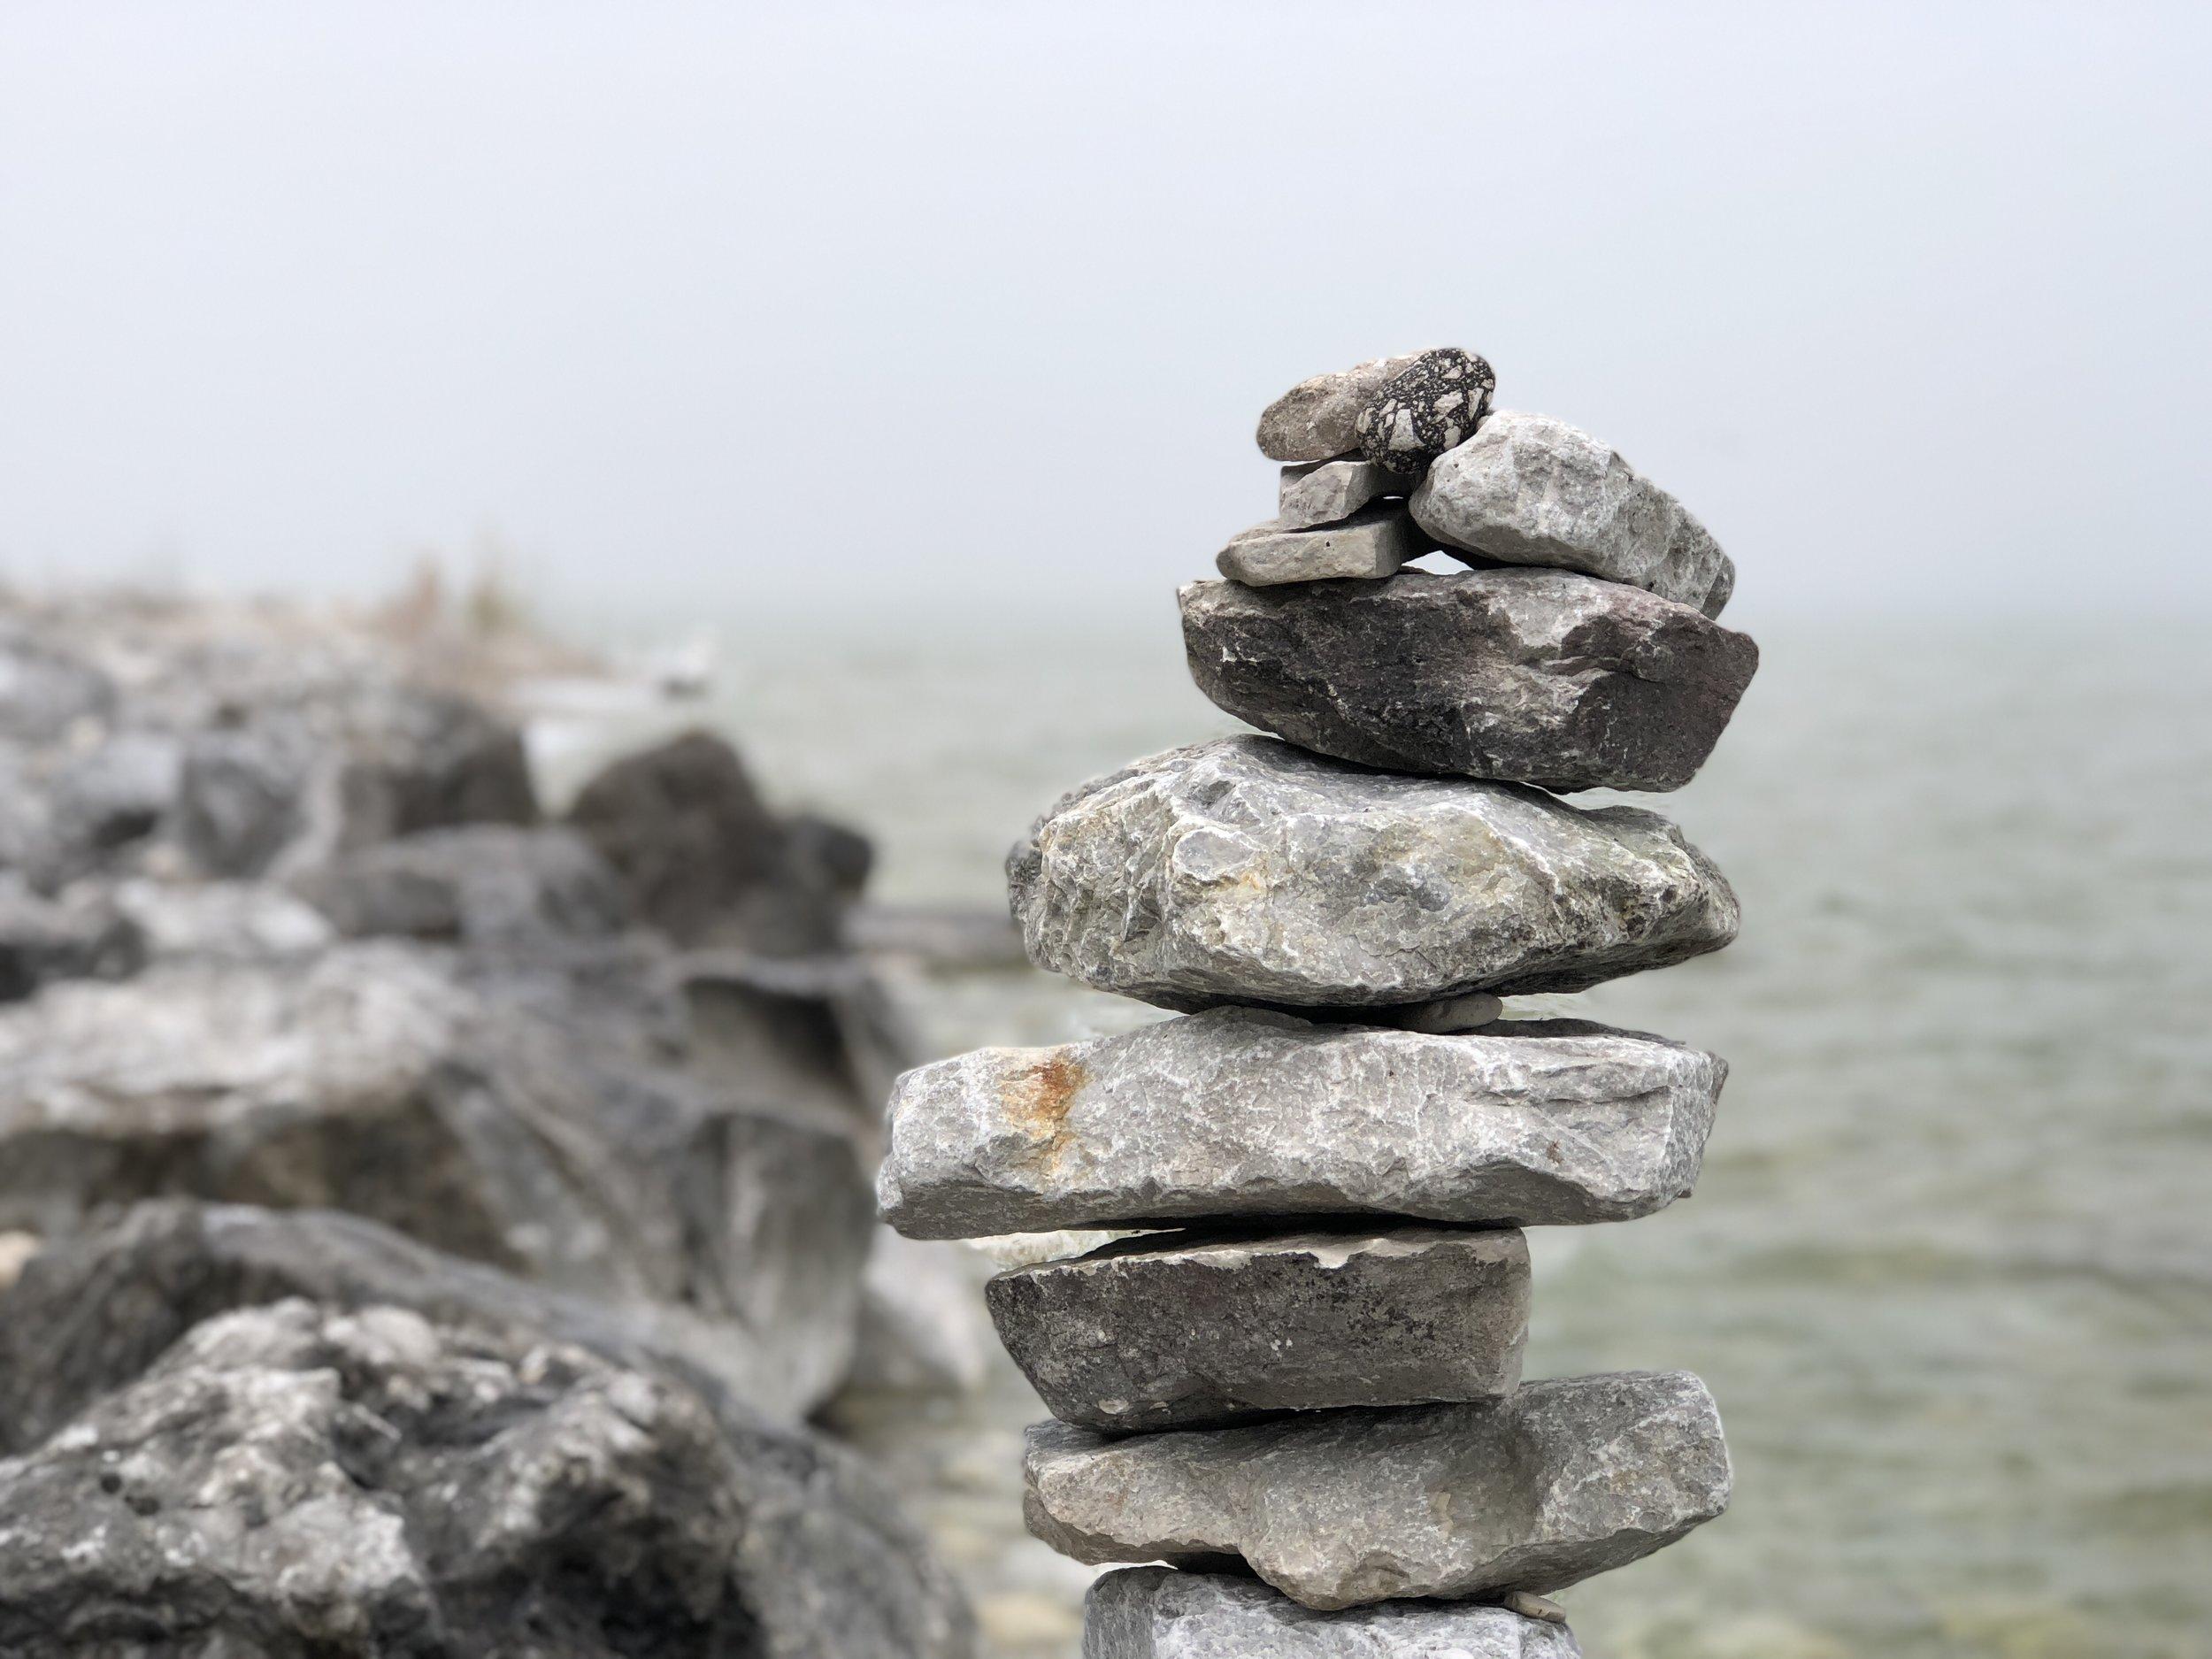 Rock sculpture, Mackinac Island, MI. photo: Andy Bruner